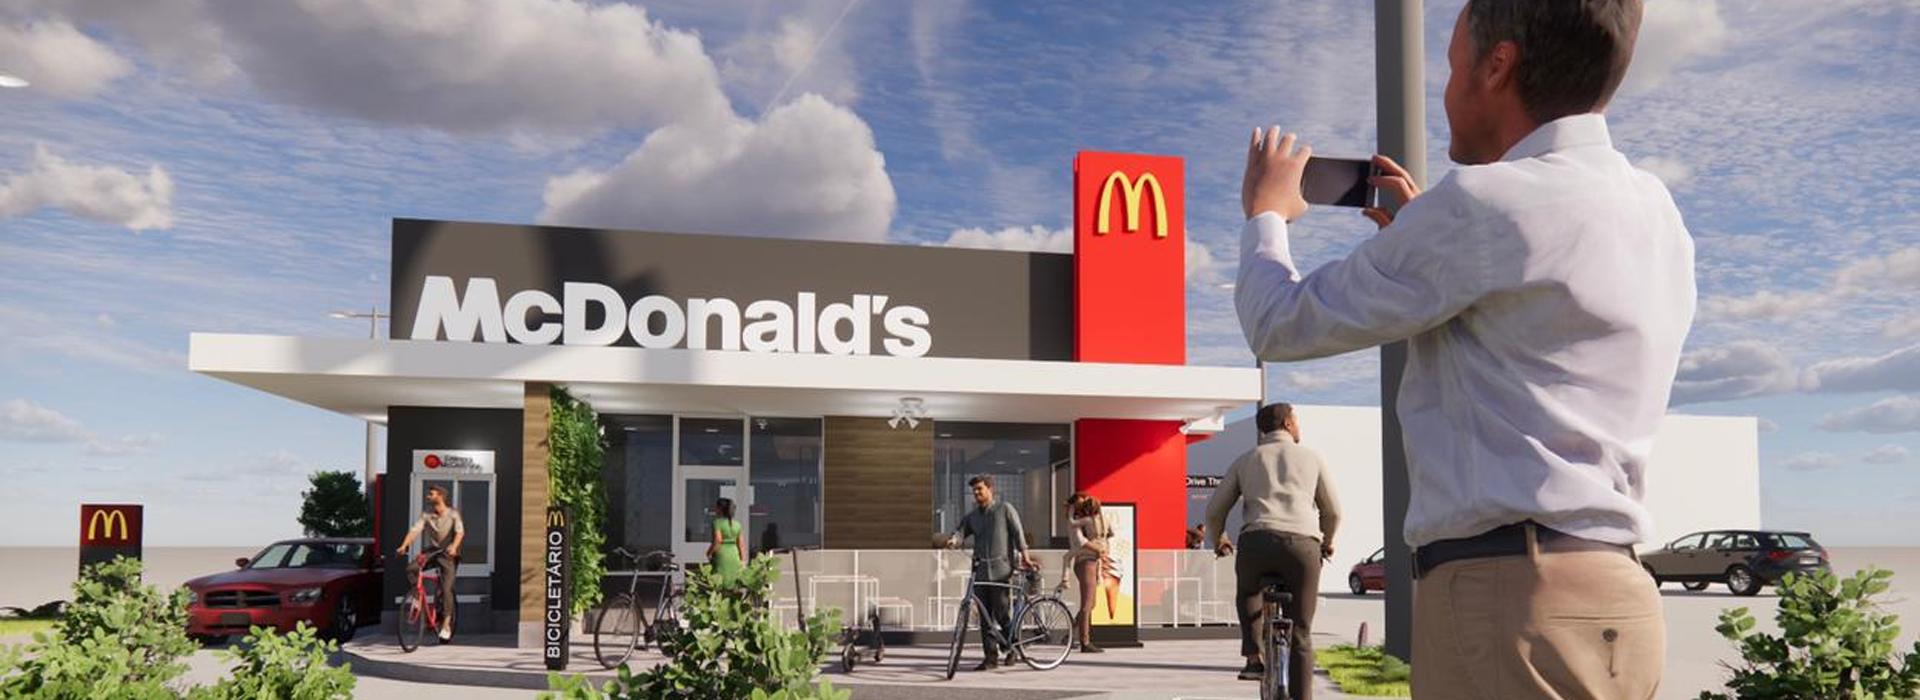 Arcos Dorados anuncia que, a partir de este año, todos sus restaurantes serán sustentables